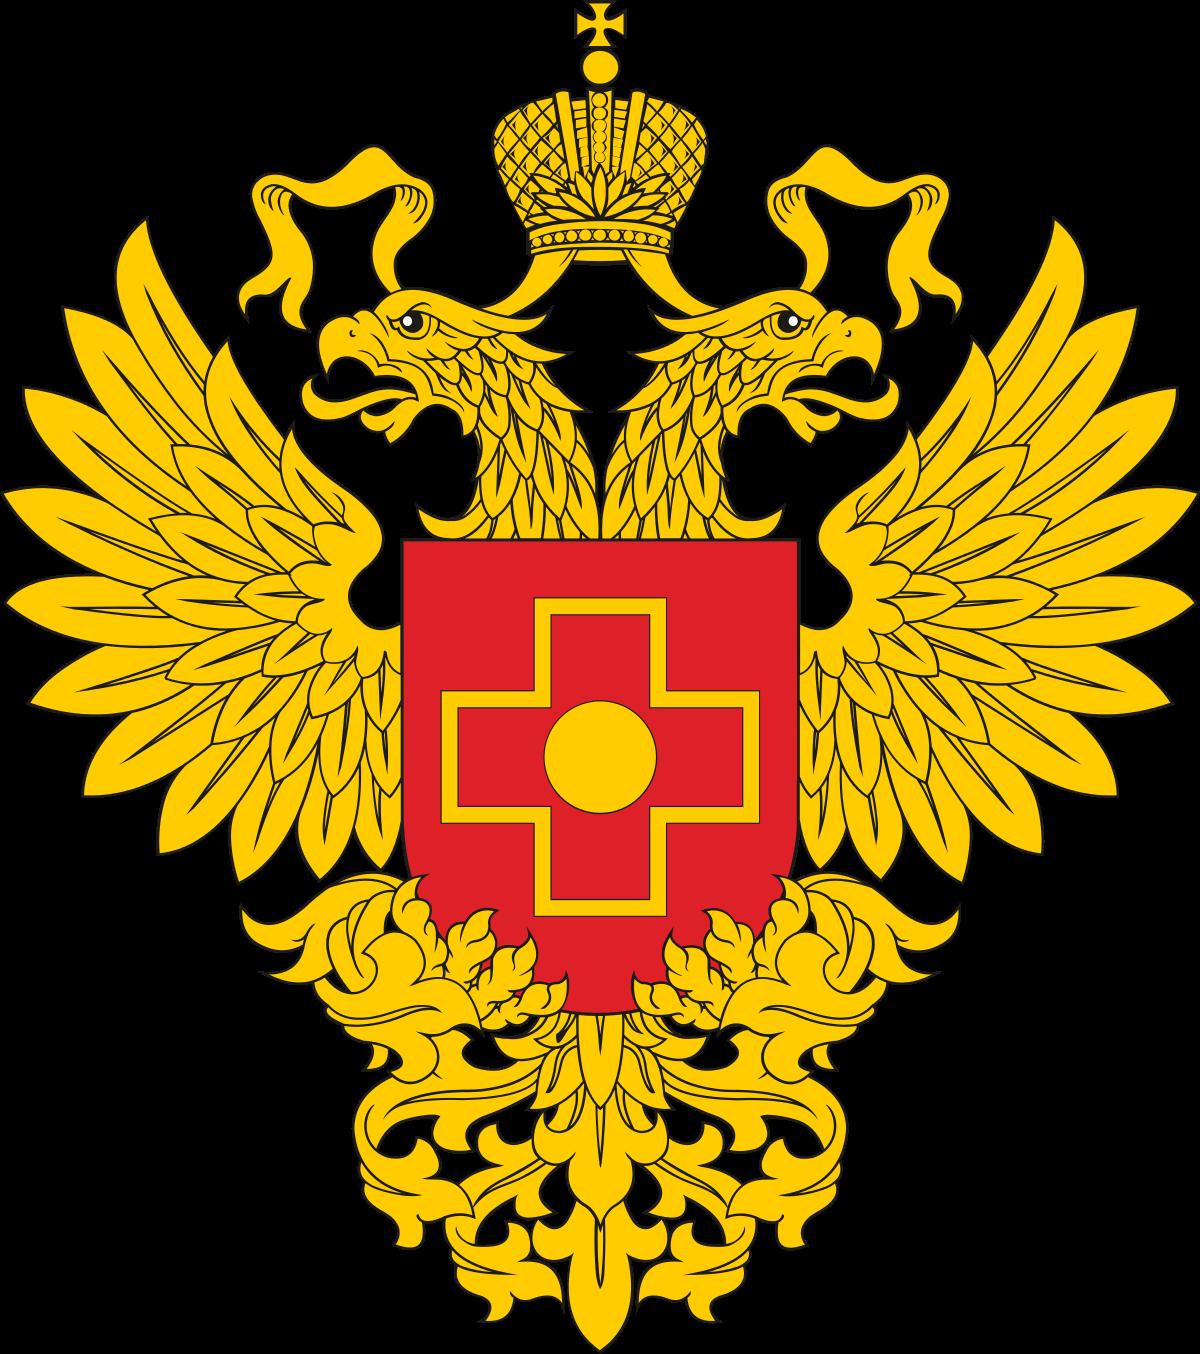 ФМБА России направило рекомендации по предотвращению распространения новой коронавирусной инфекции при проведении учебно-тренировочных мероприятий сборных команд России